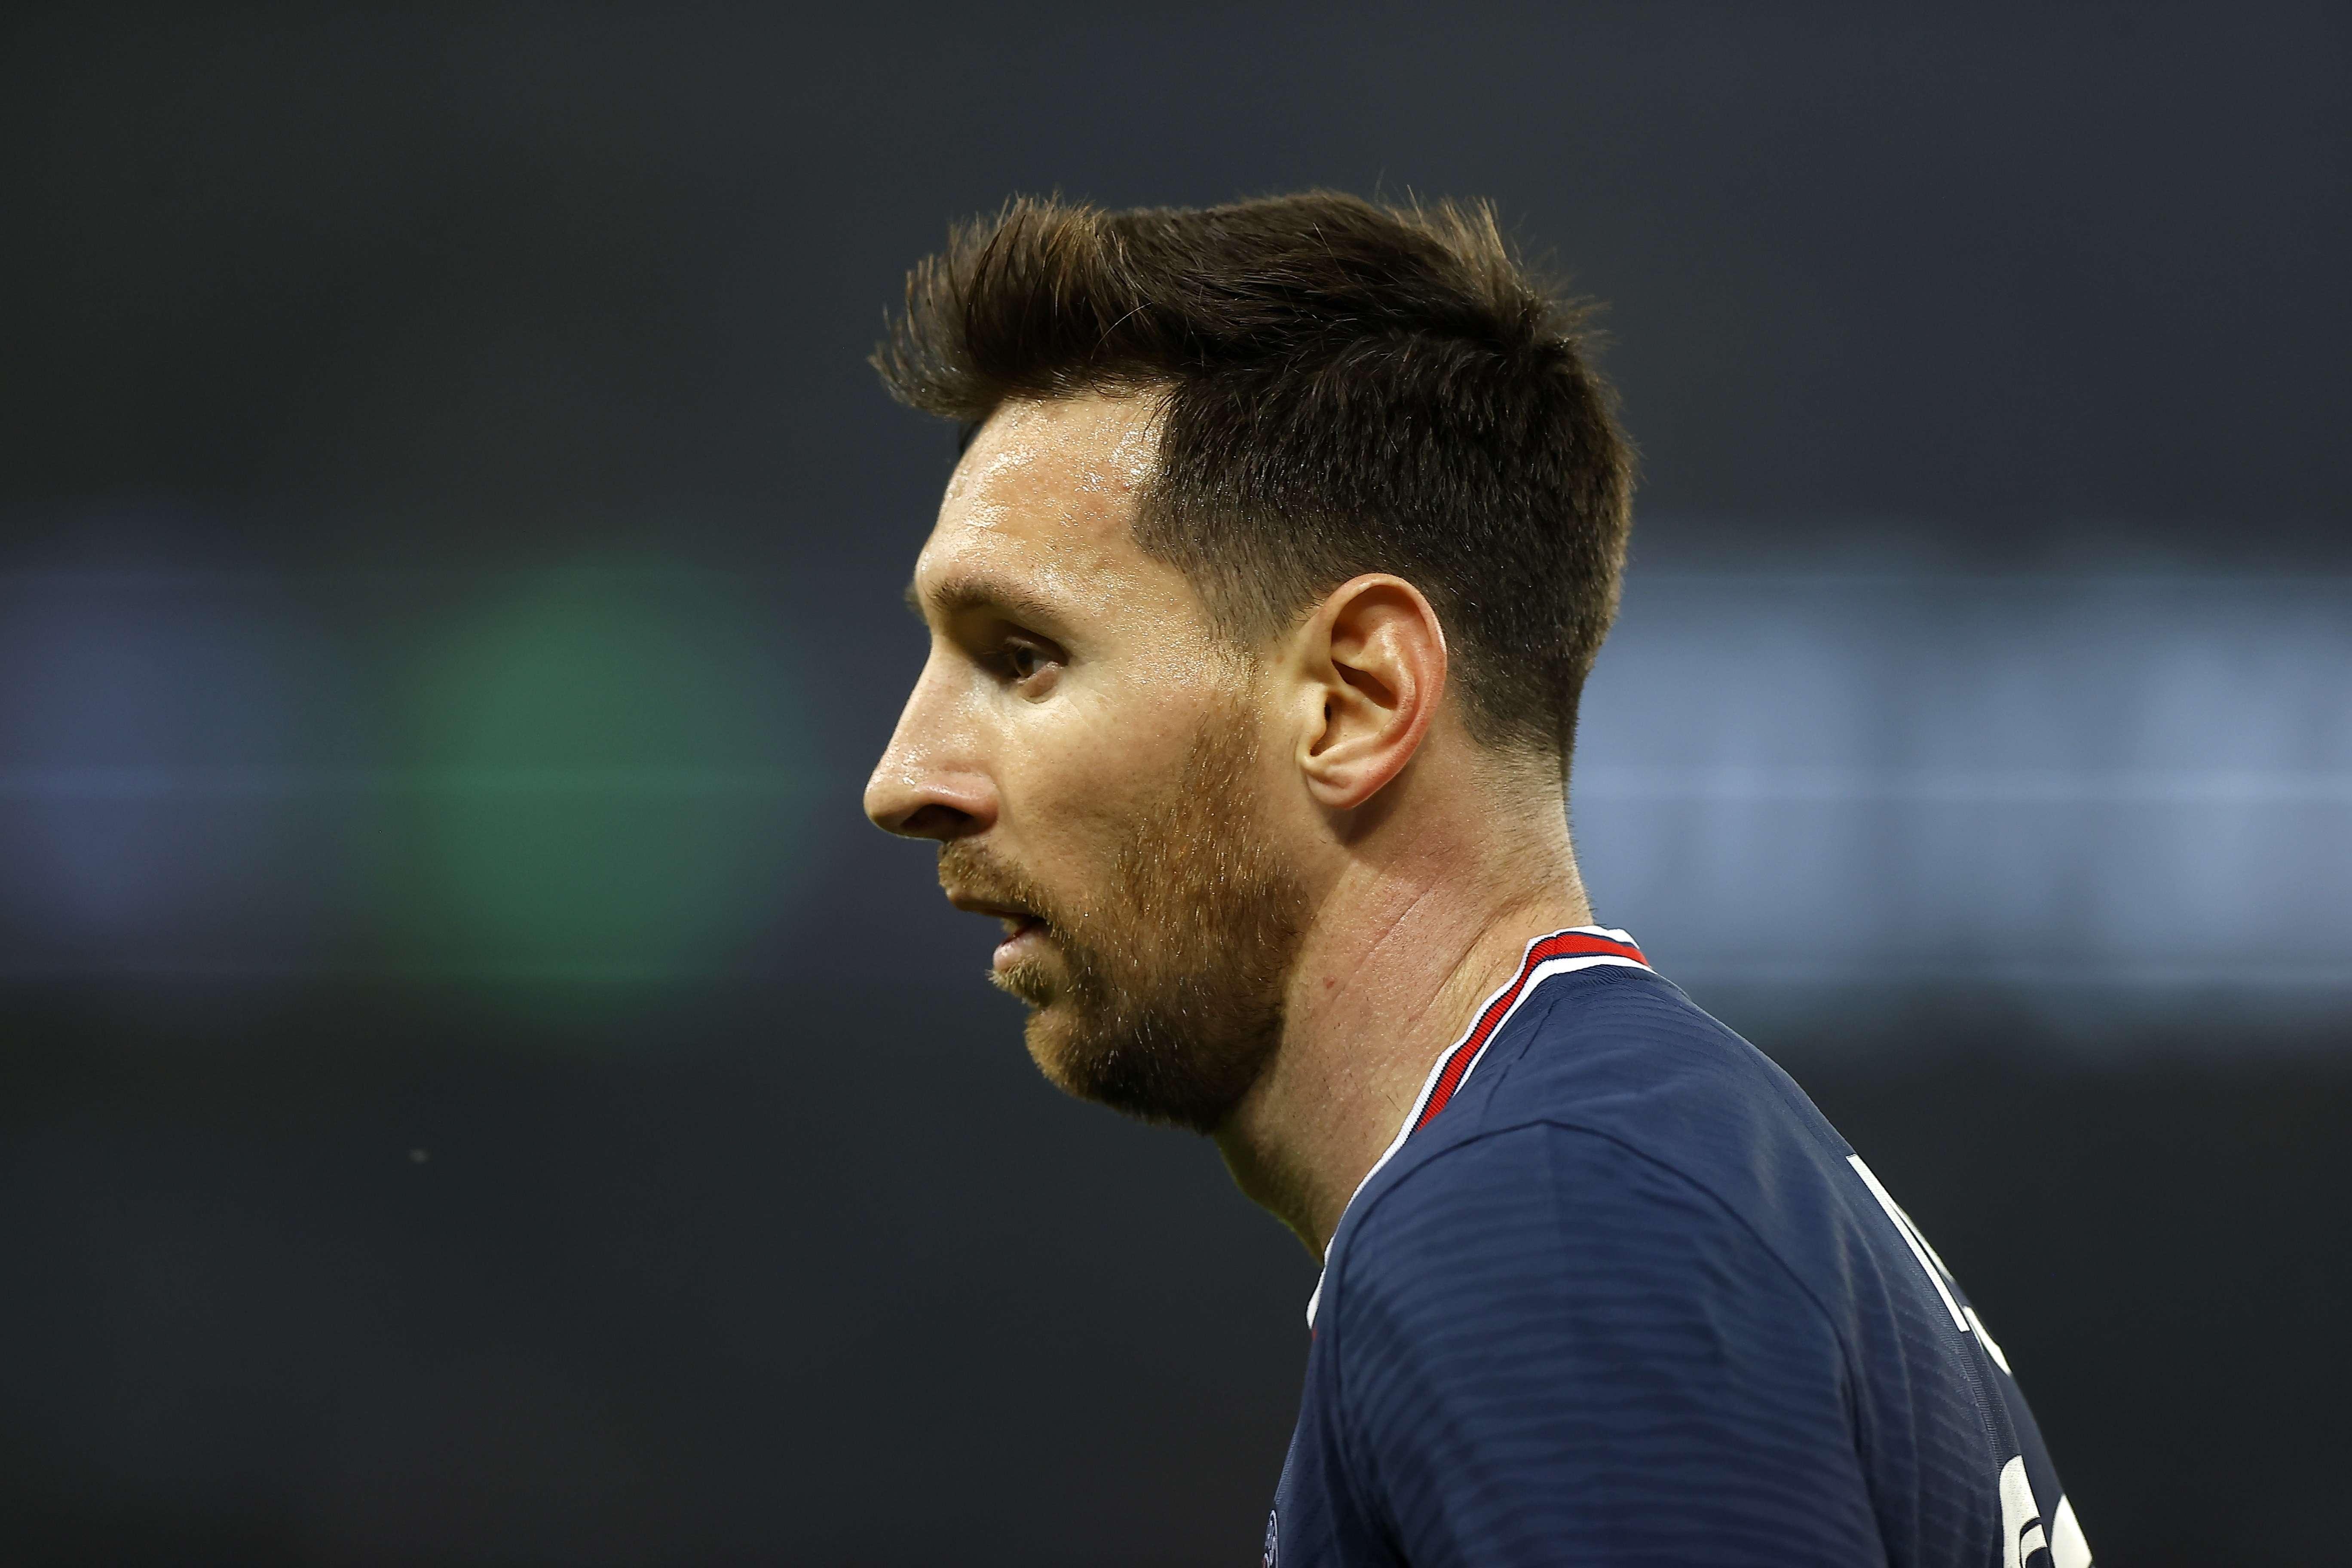 Lionel Messi /EFE